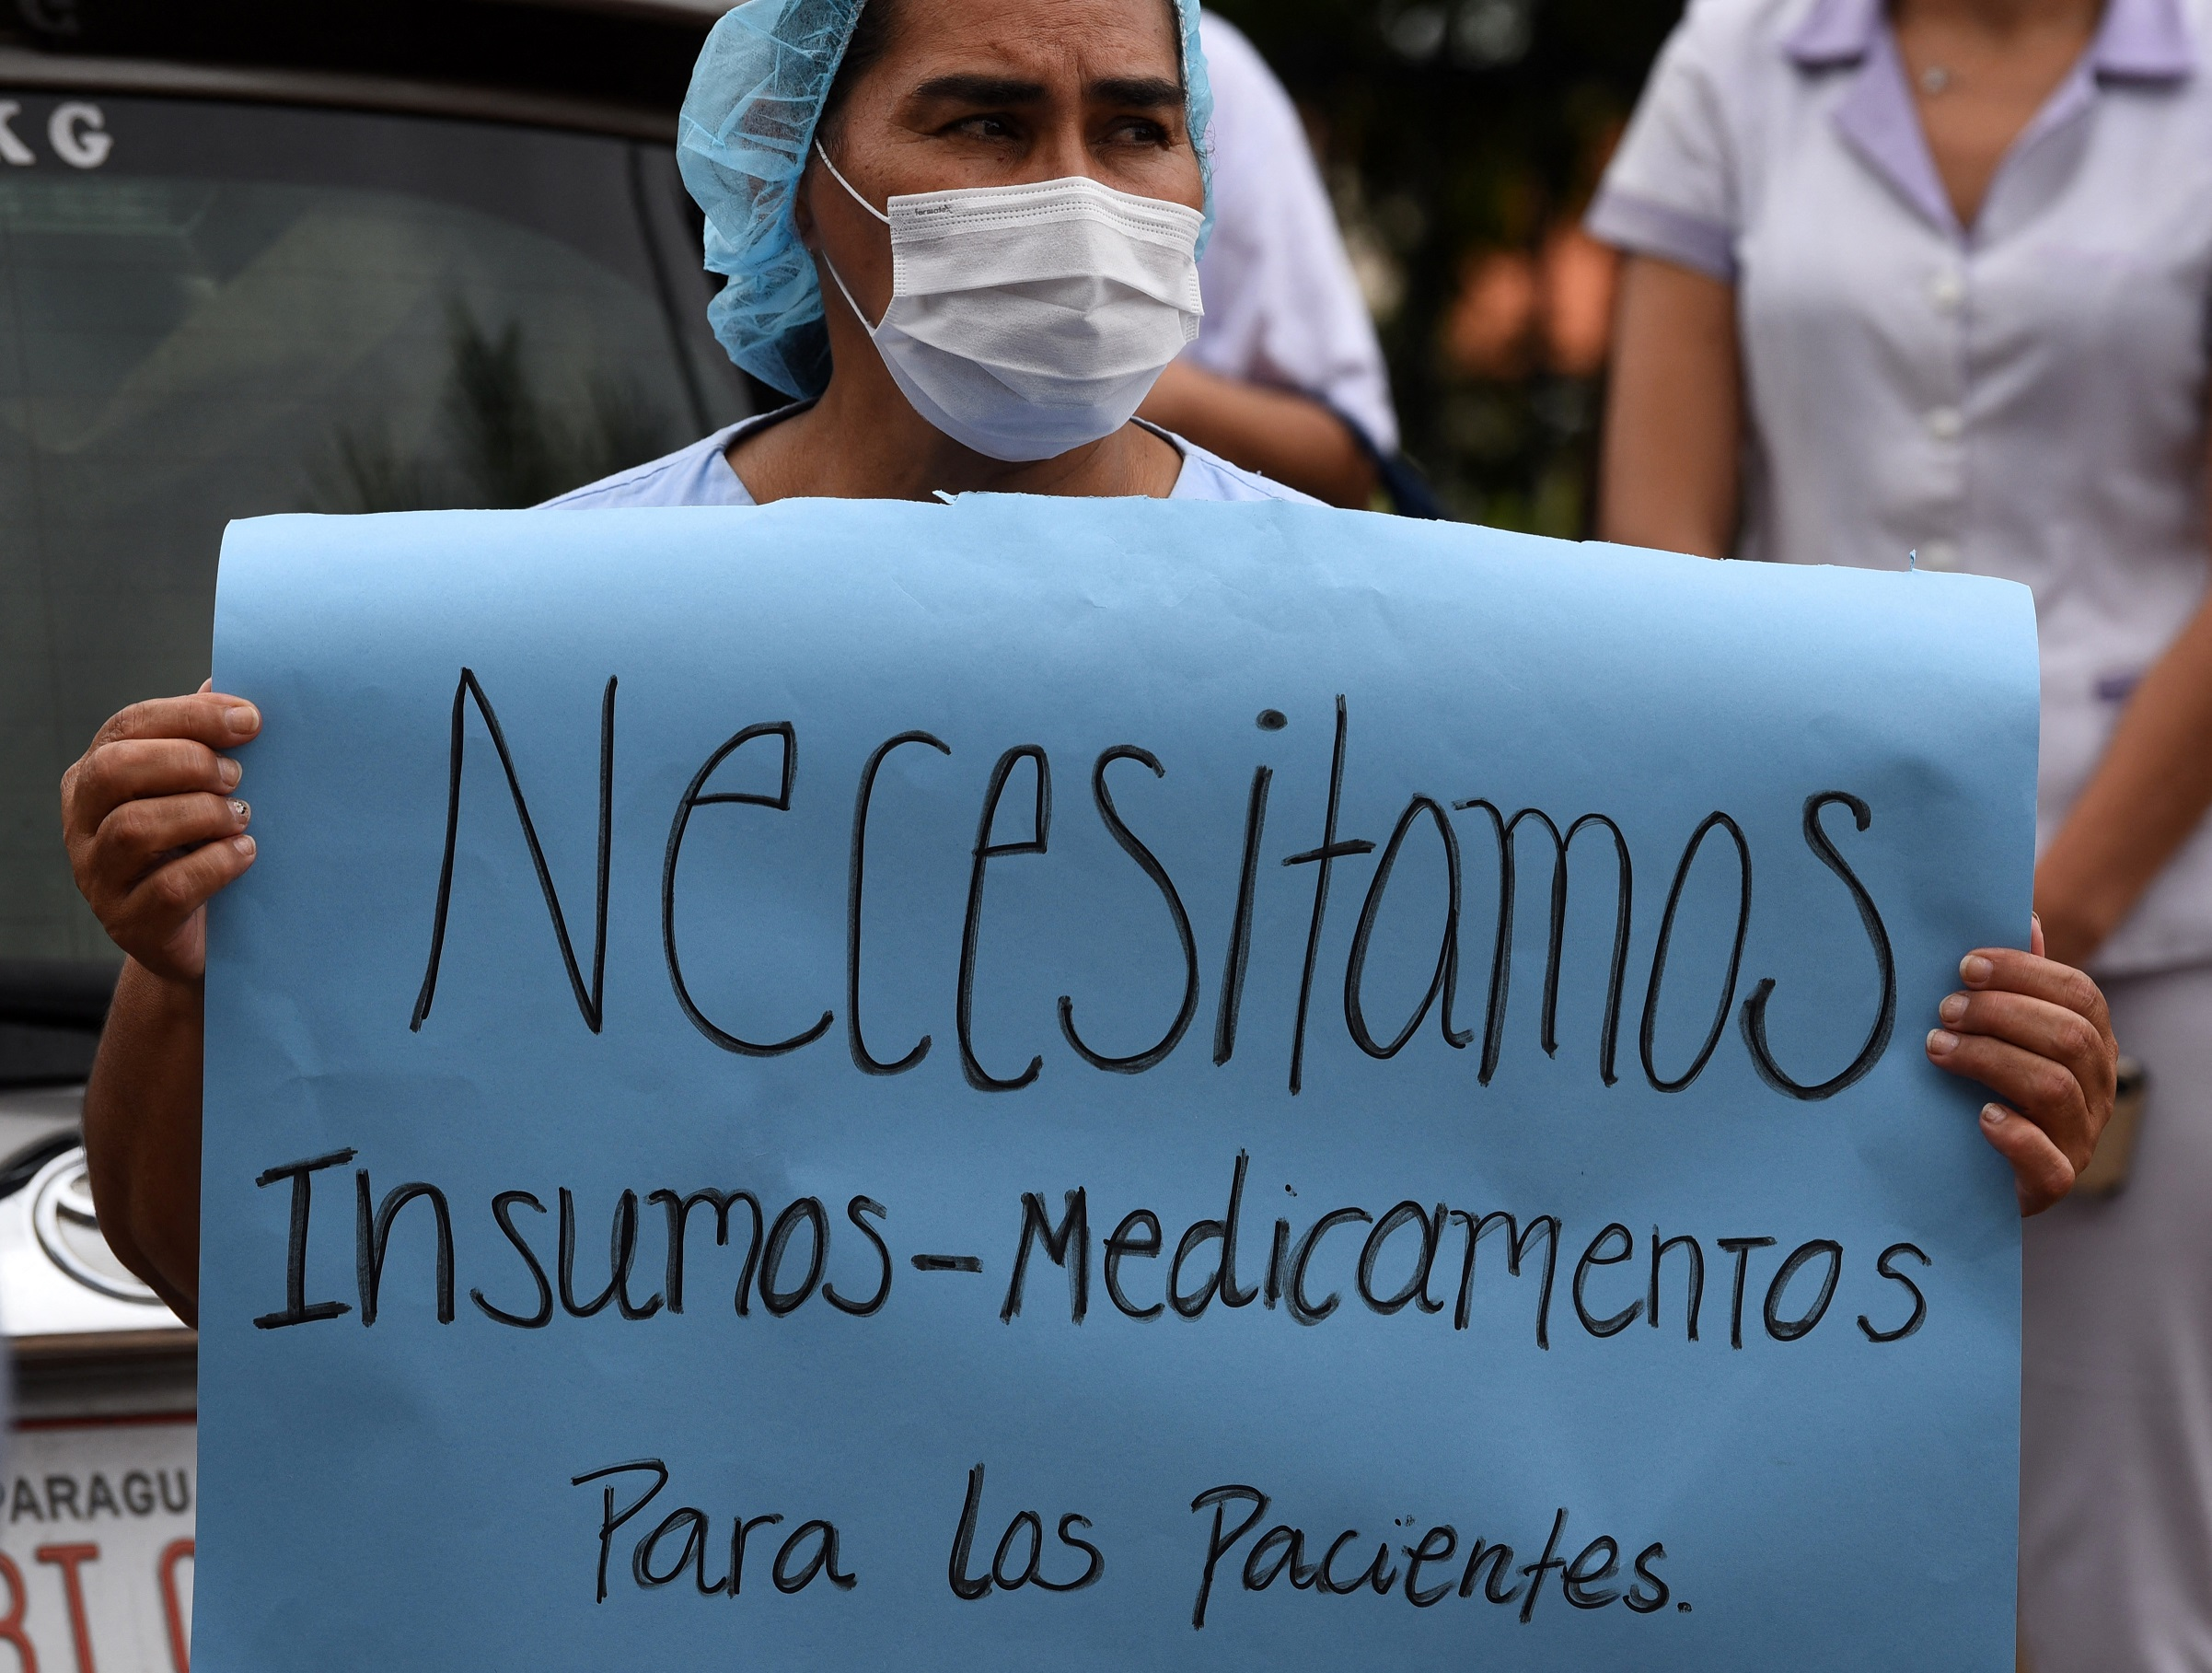 """""""Precisamos de mais remédios e suprimentos médicos para os pacientes"""", pede uma profissional da saúde durante protesto em 4 de março, em frente ao Hospital das Clínicas de San Lorenzo   Foto: Norberto DUARTE/AFP"""